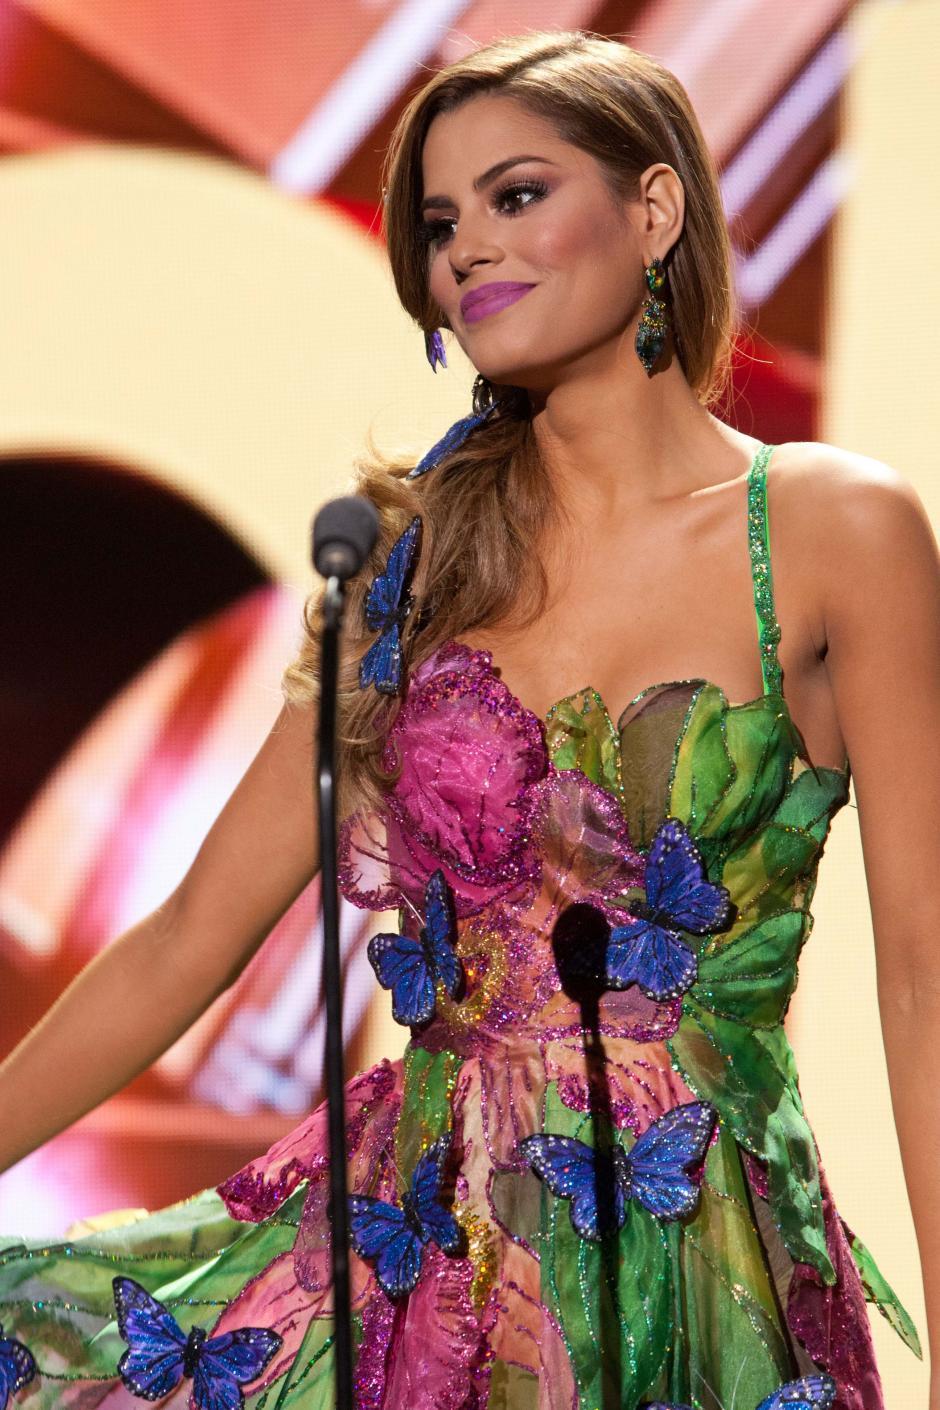 La candidata colombiana a Miss Universo 2015, Ariadna Gutiérrez-Arevalo, desfila con traje típico en los actos previos a la gala de Miss Universo 2015. (Foto: EFE/Richard D. Salyer)